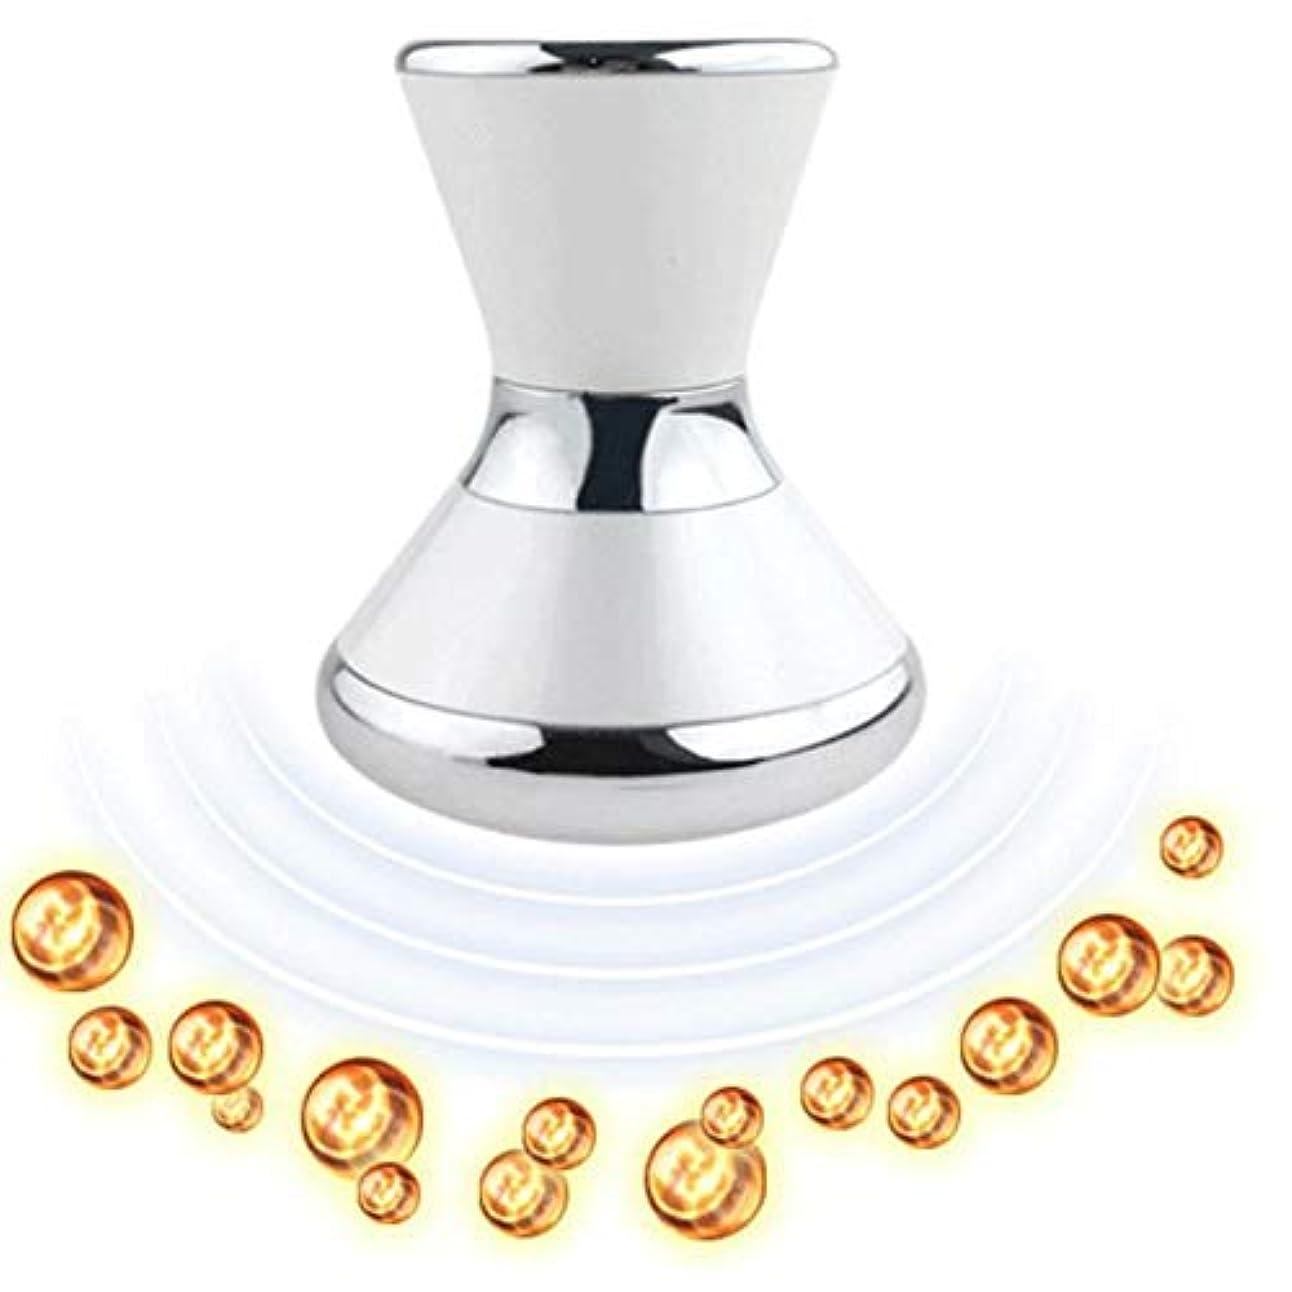 小康チャーム始める磁気振動美容マッサージ器具、吸収磁気療法フェイシャルマッサージャー美容スキンケアデバイス,銀